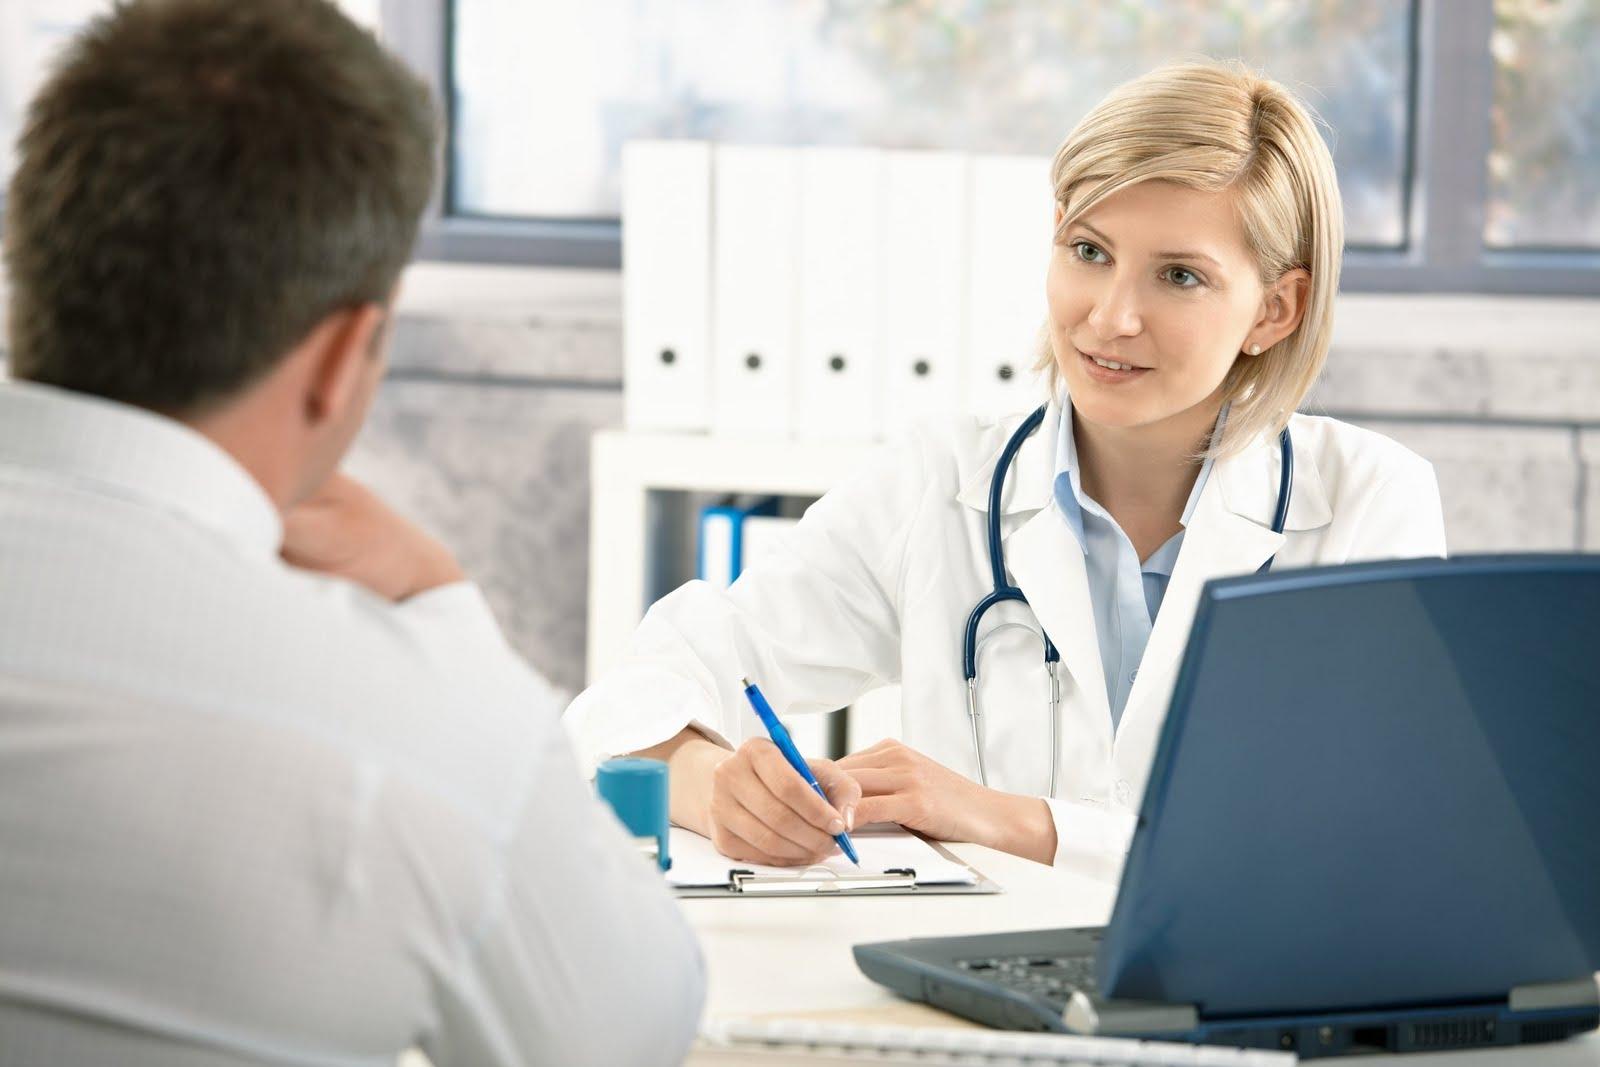 Intervista ad un medico abortista